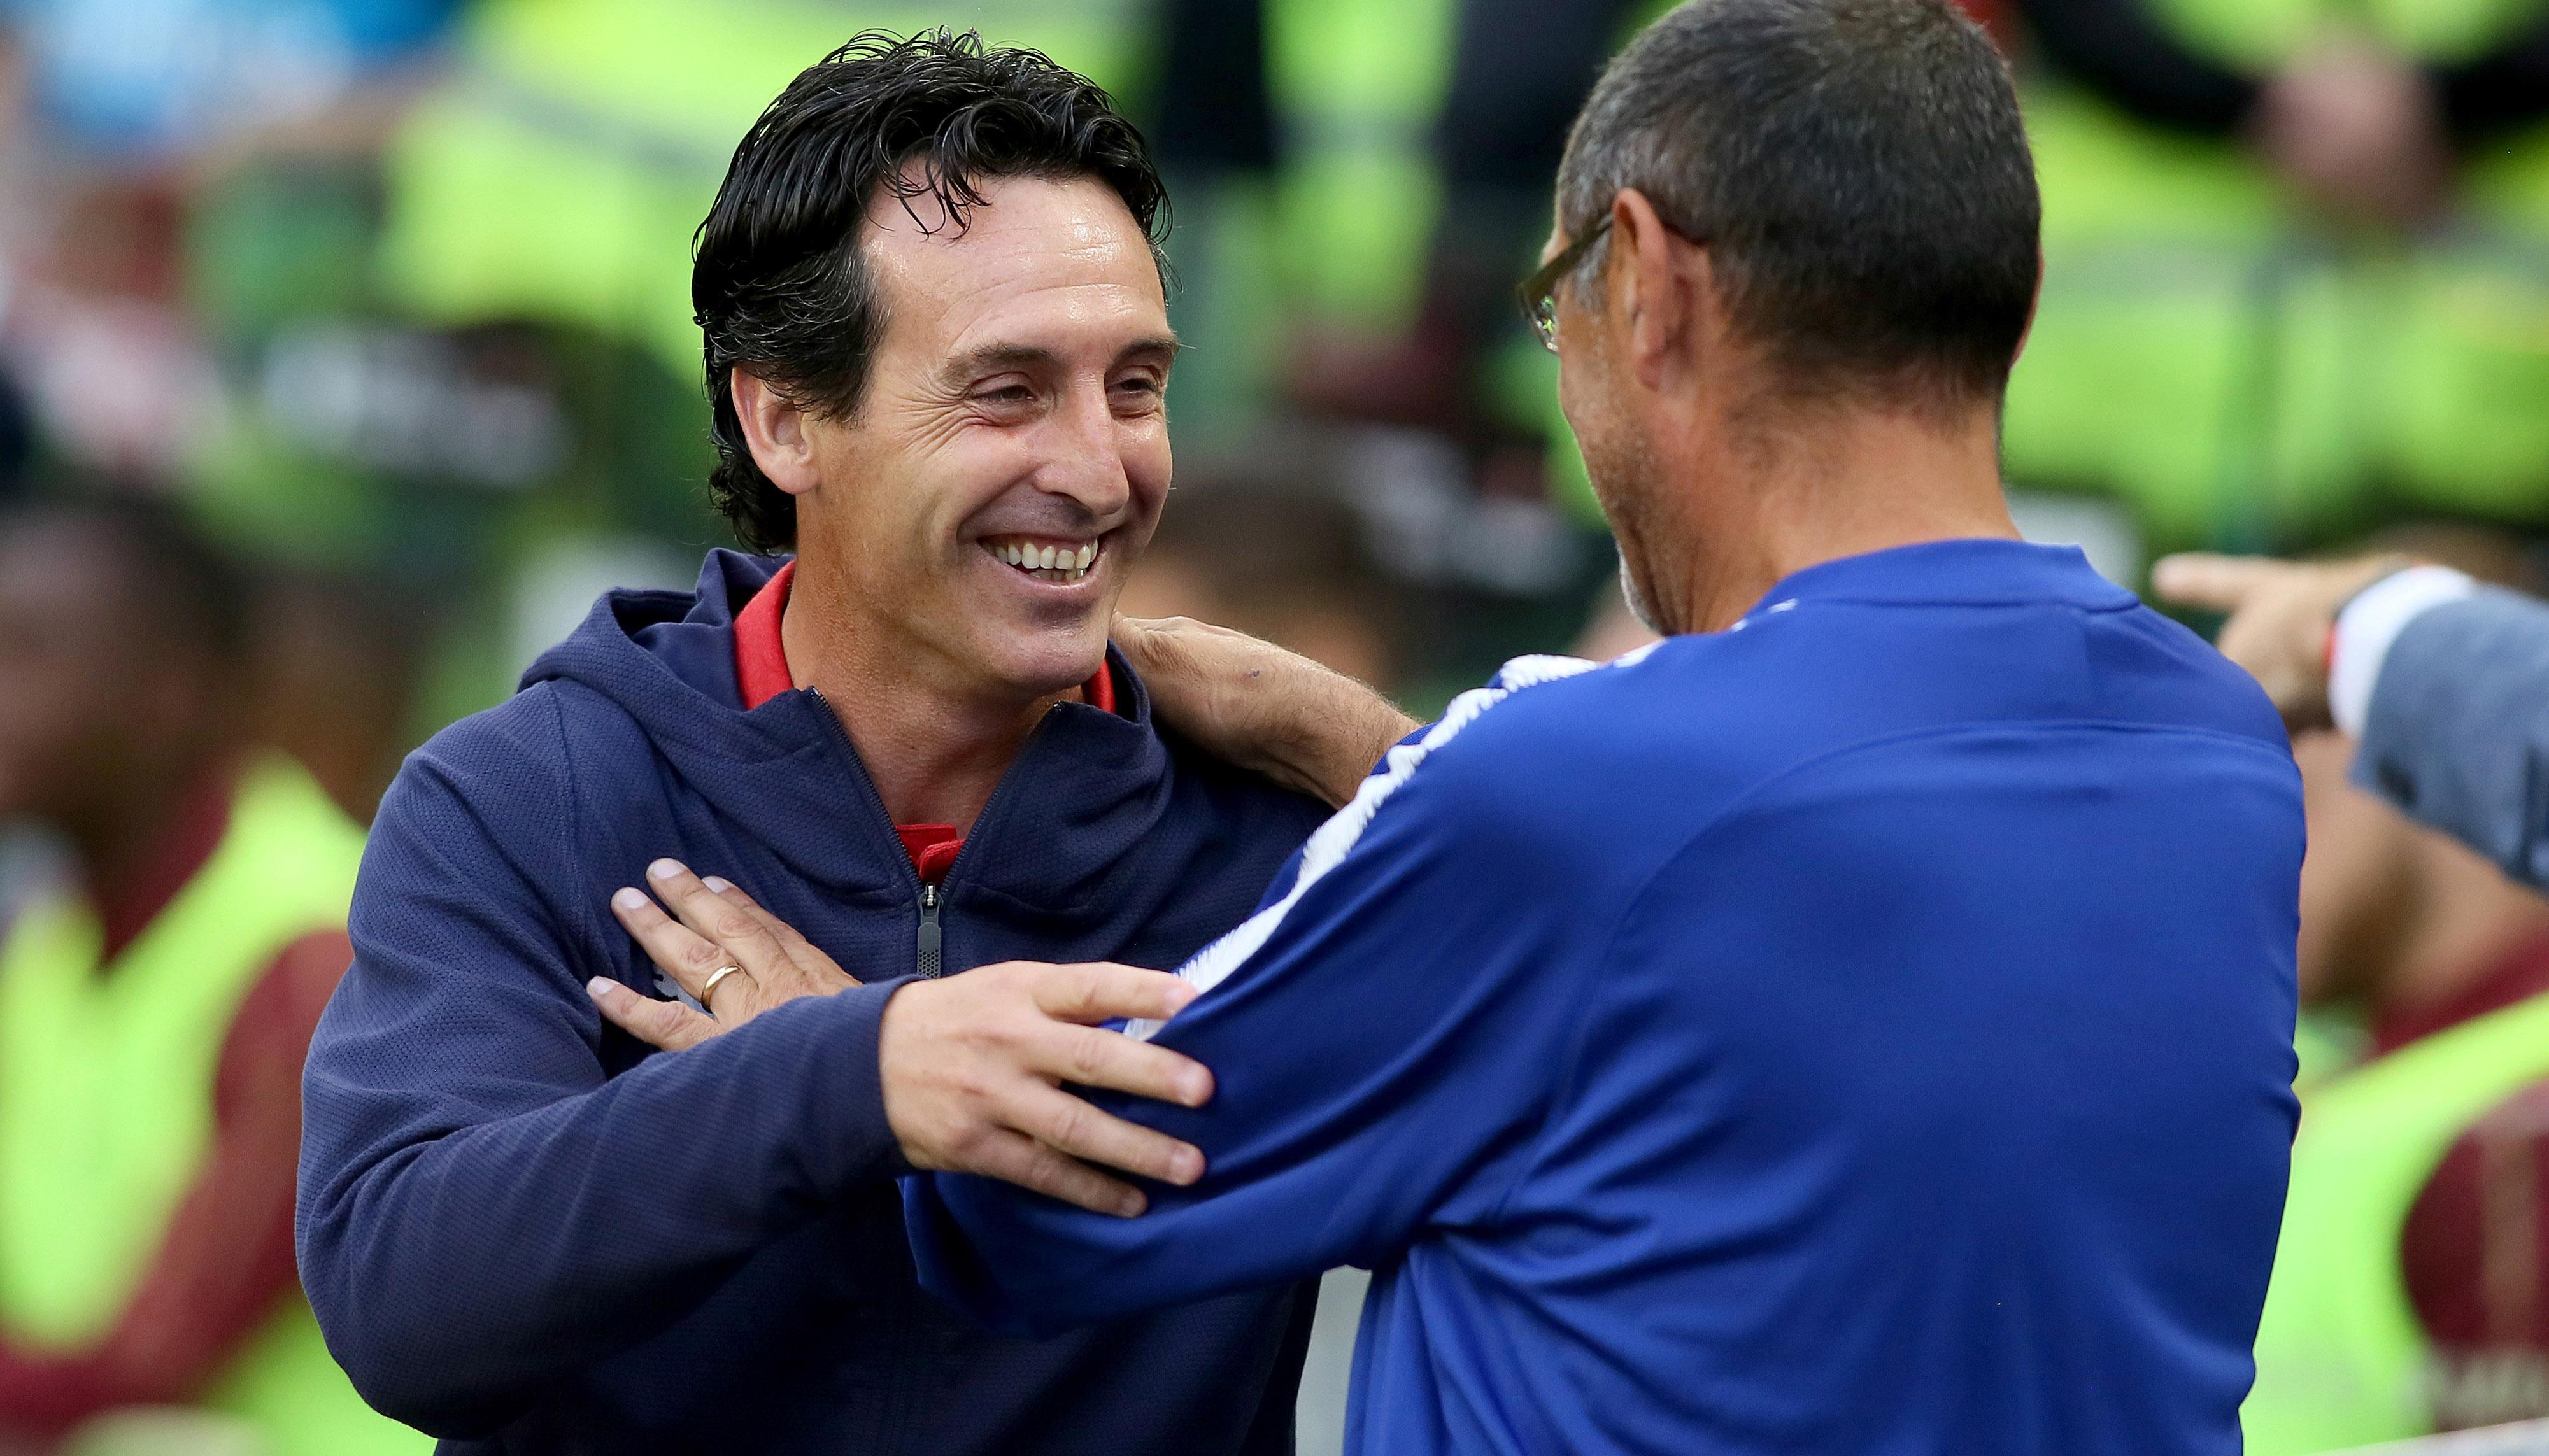 FC Chelesa – FC Arsenal: London-Derby mit frischen Gesichtern